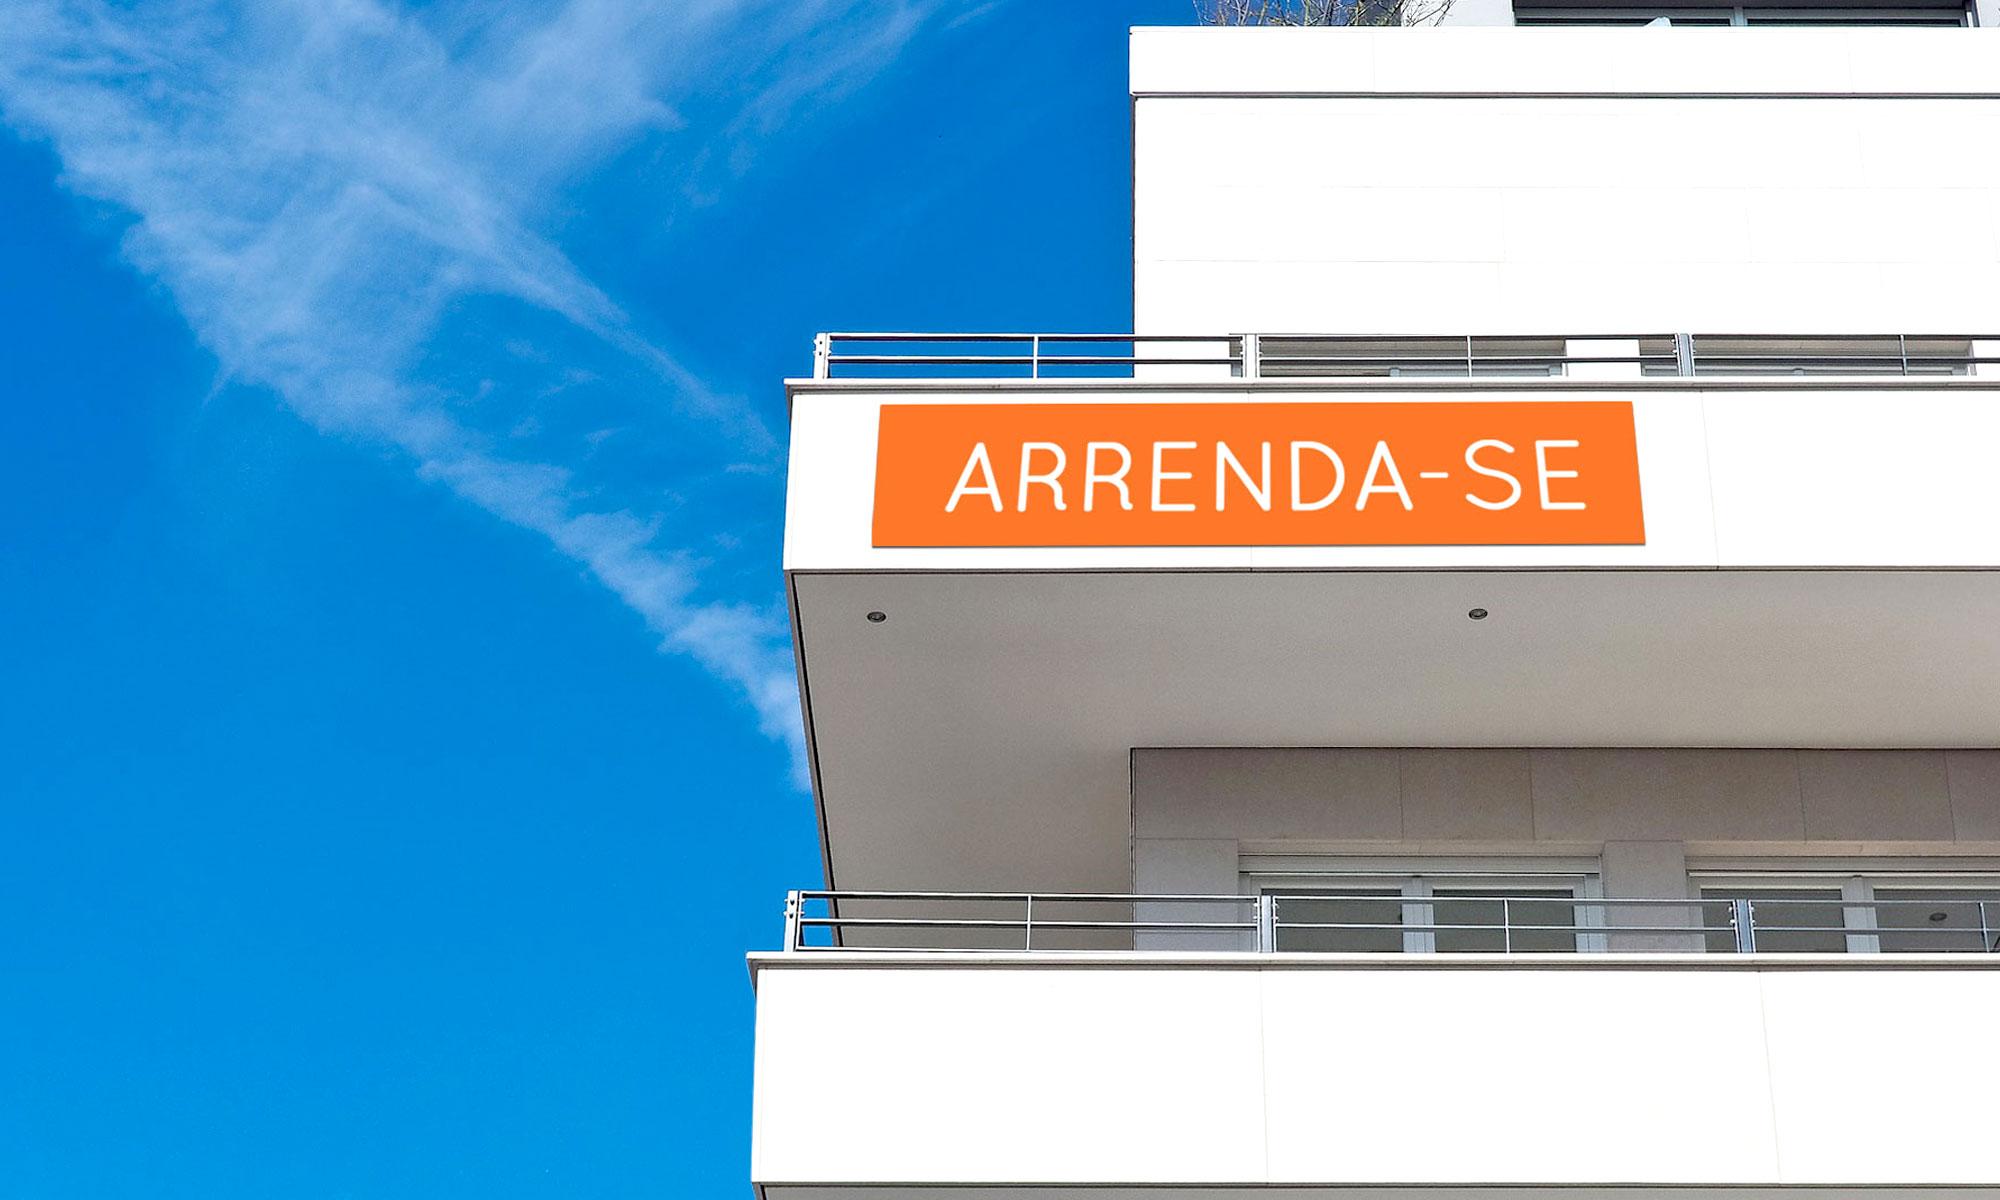 novas-medidas-arrendamento-aveiro-ville-real-estate-apartamento-moradia